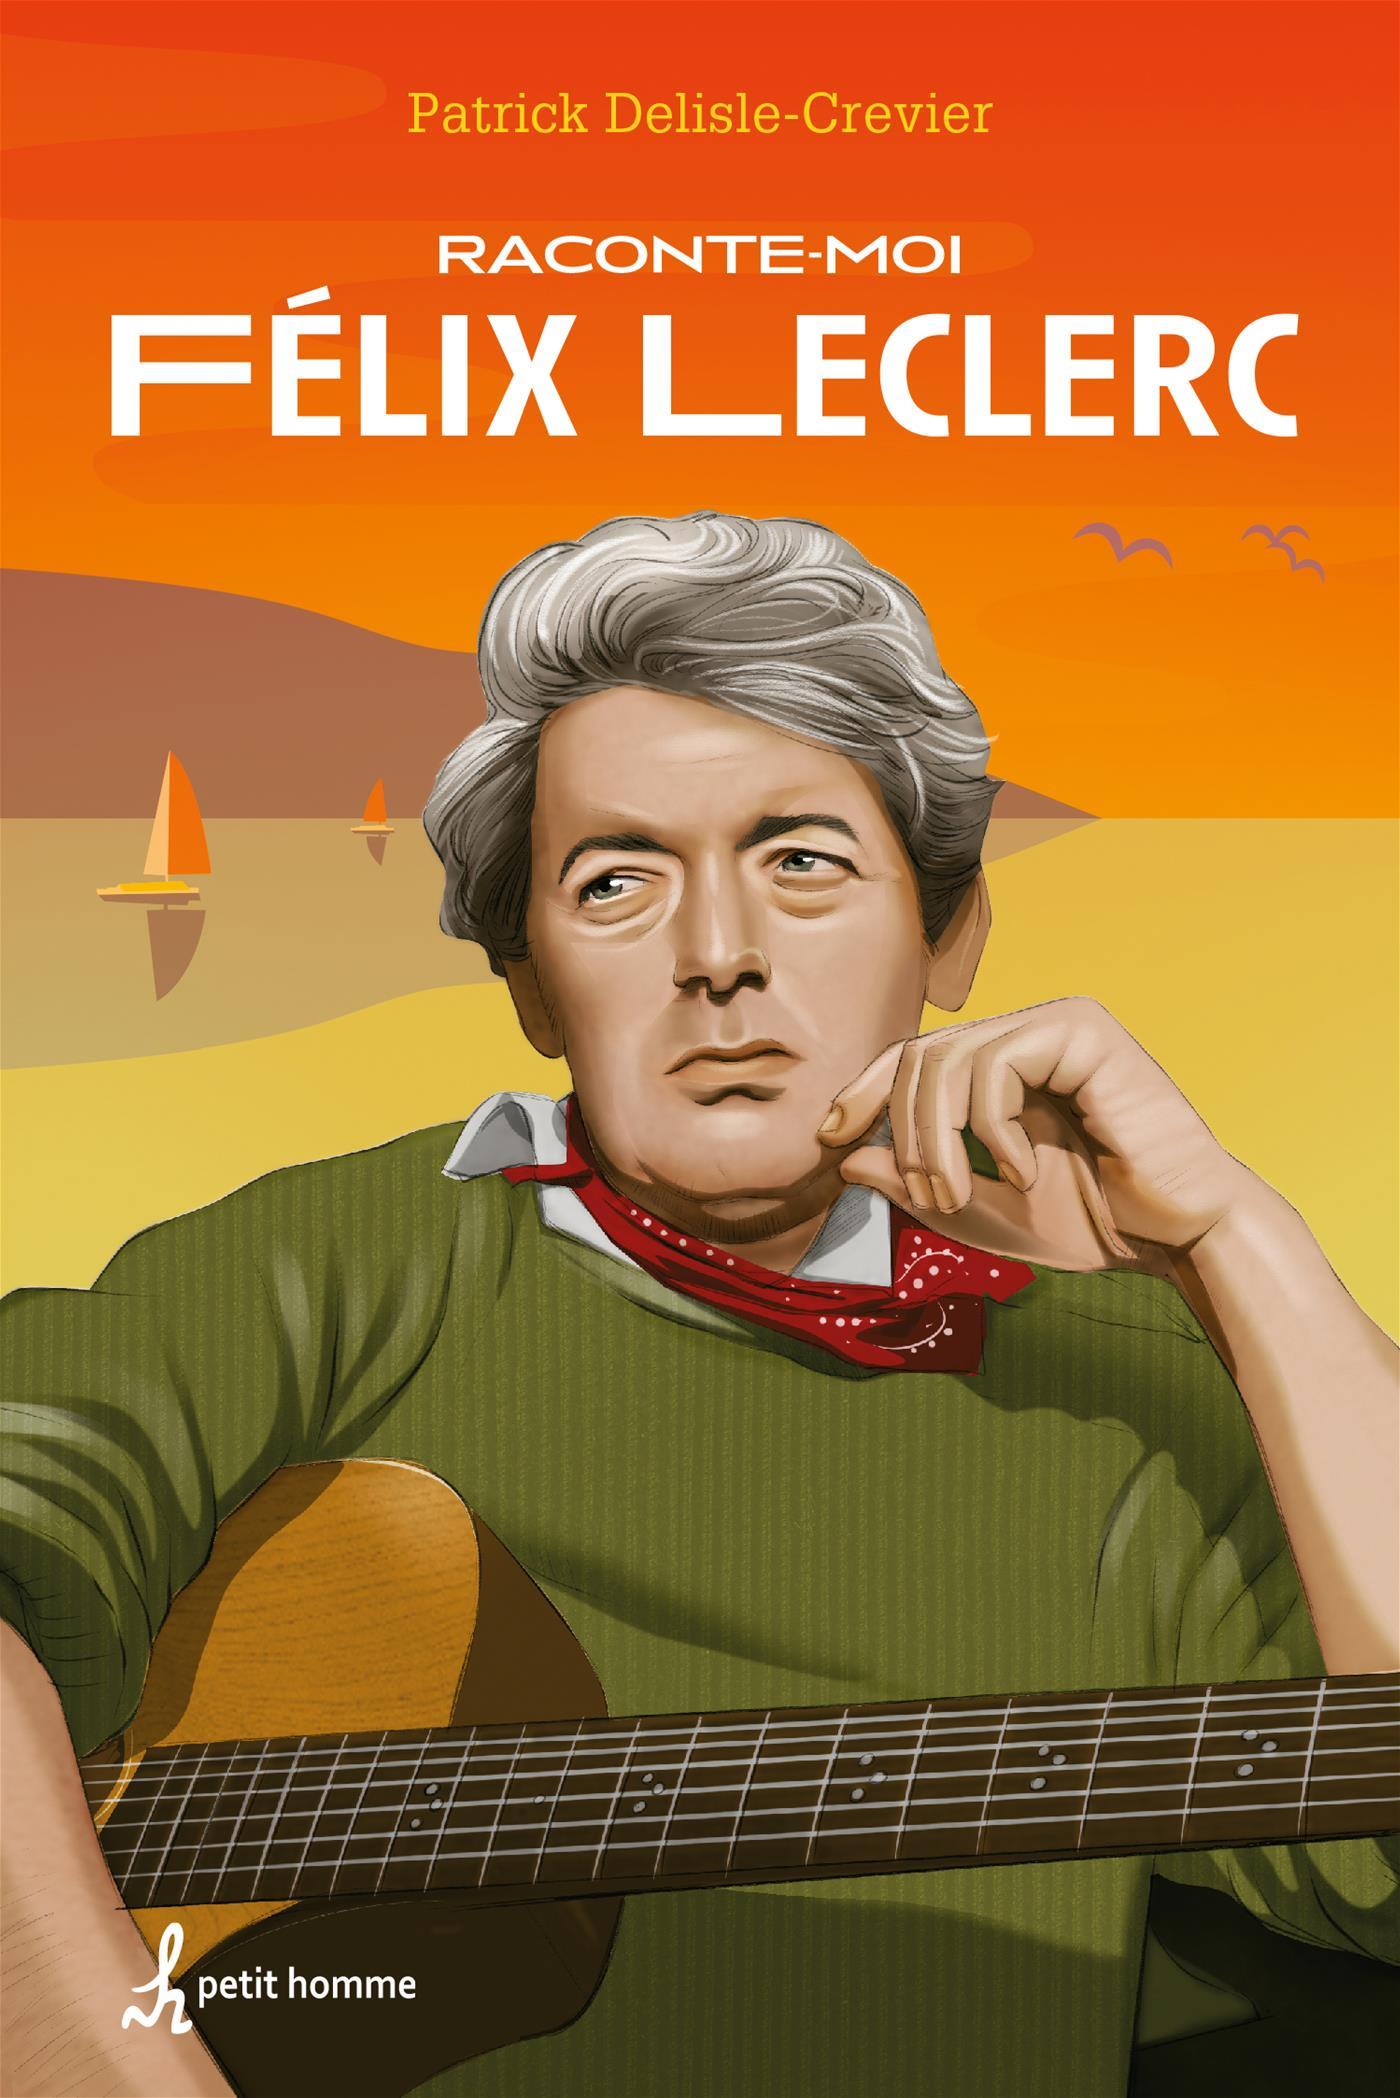 Raconte-moi Félix Leclerc